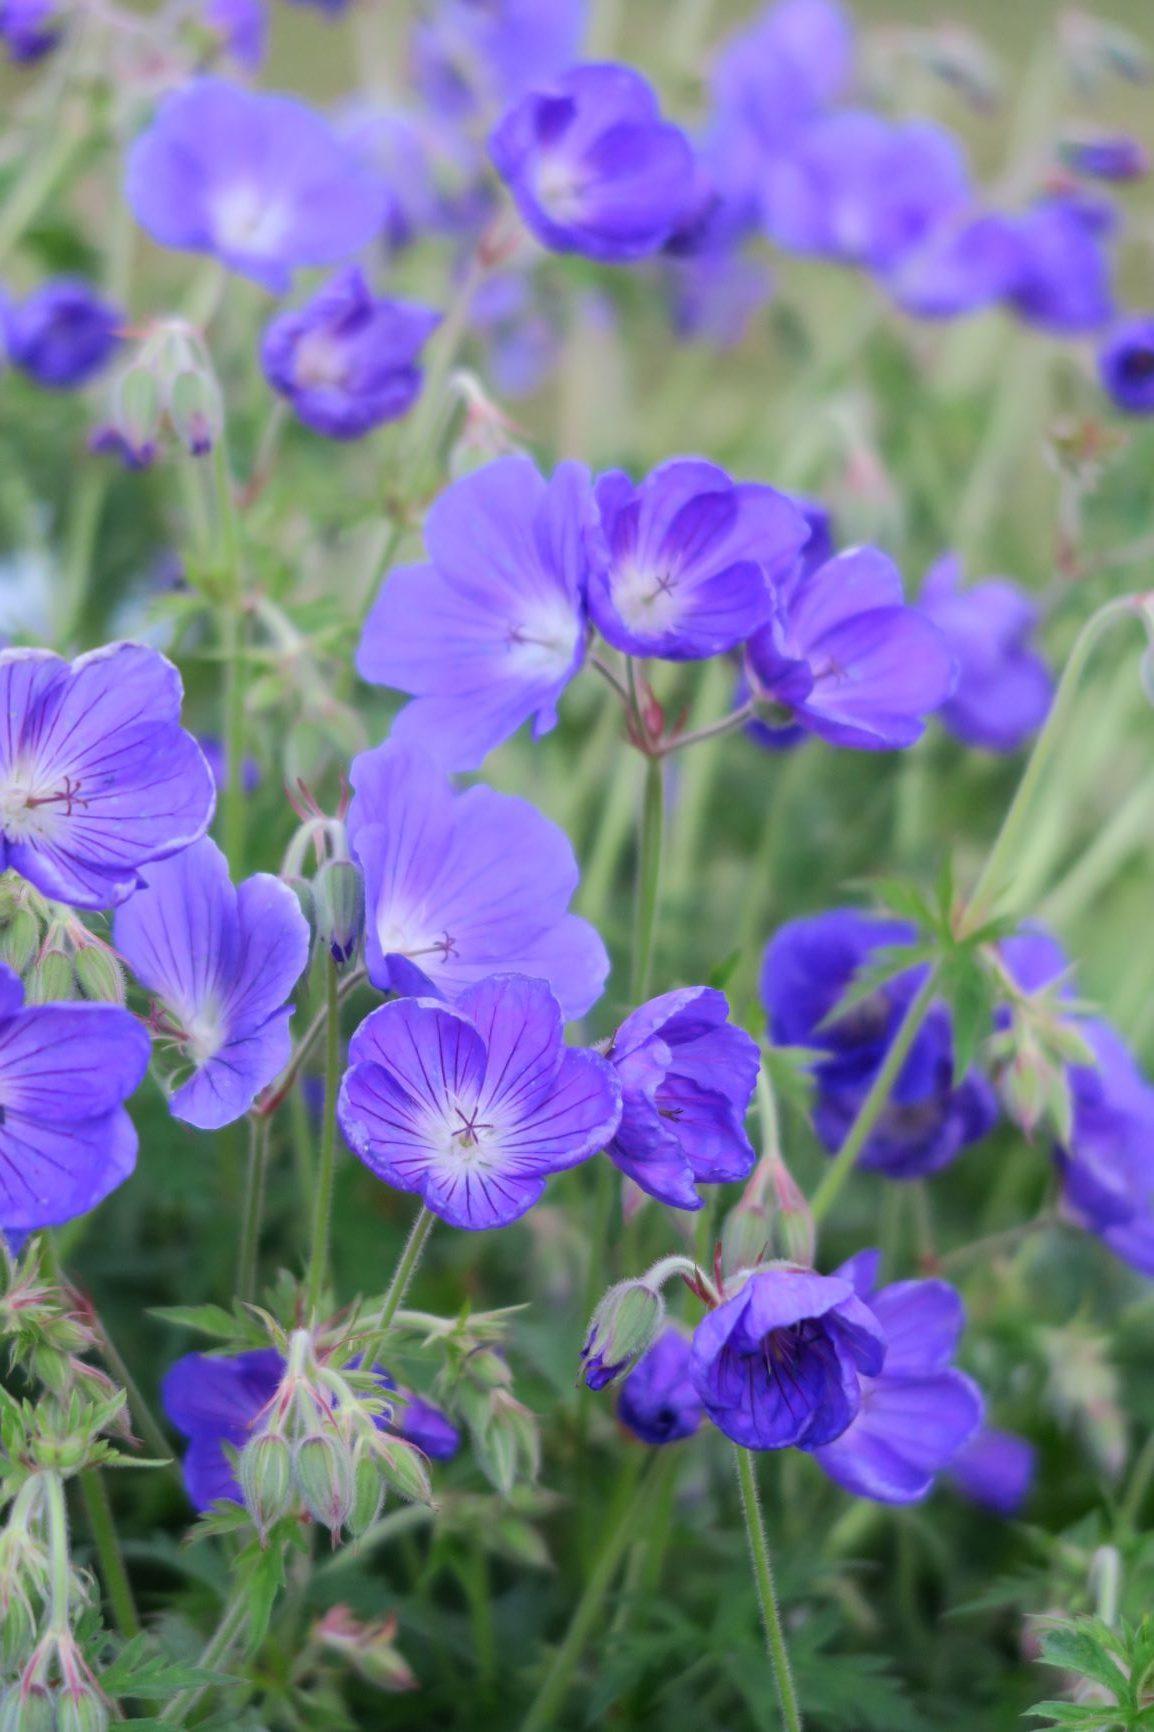 fleurs de lin, petites fleurs bleues